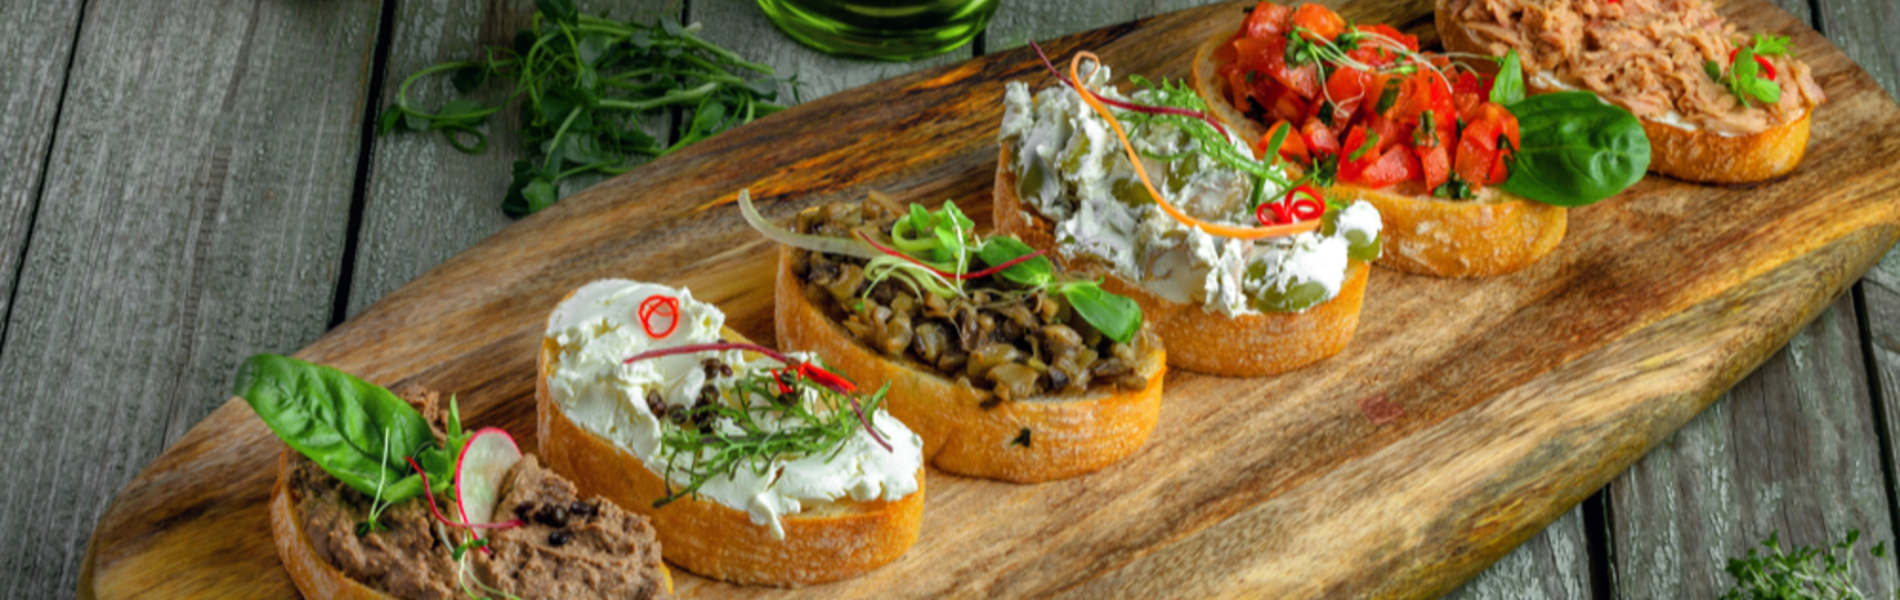 5 ממרחים מגניבים שישדרגו לכם את הסנדוויץ'